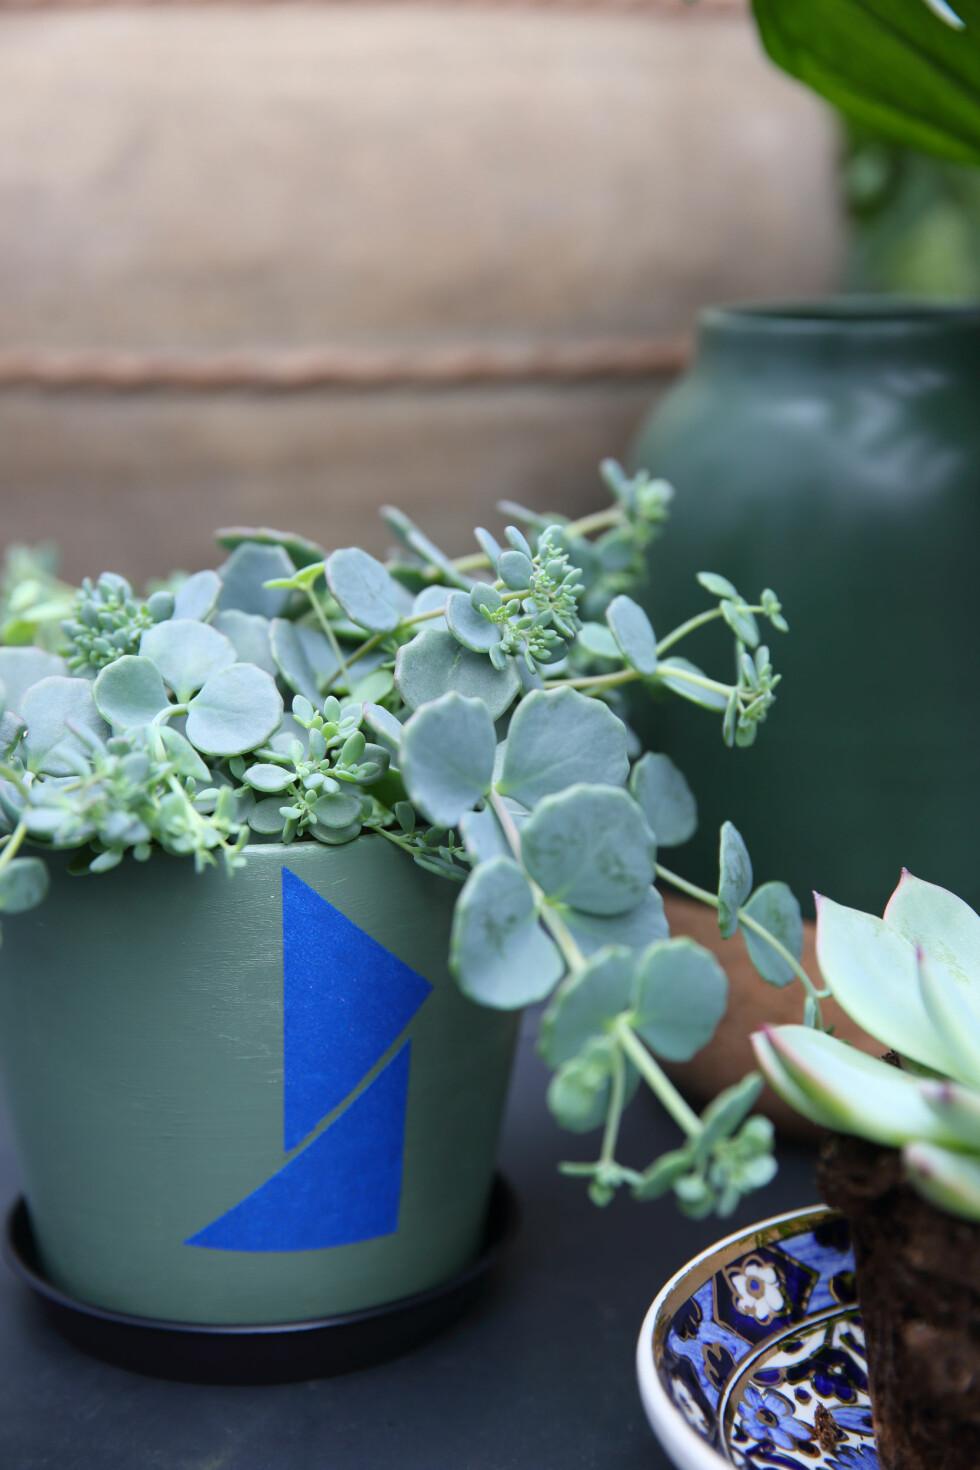 NYTT LIV TIL GAMLE POTTER: Har du en samling av gamle potter som er modne for en oppdatering? Mal dem med matt, vannavstøtende lakk og klipp til klistremerker for å gi dem et grafisk element. Tenk på fargekombinasjoner som matcher plantene du skal sette i pottene. Den fine, grålige sedumen passer perfekt til litt skitne grønntoner. Sedum fra Mustang Sally (kr 125). Foto: Krista Elvheim